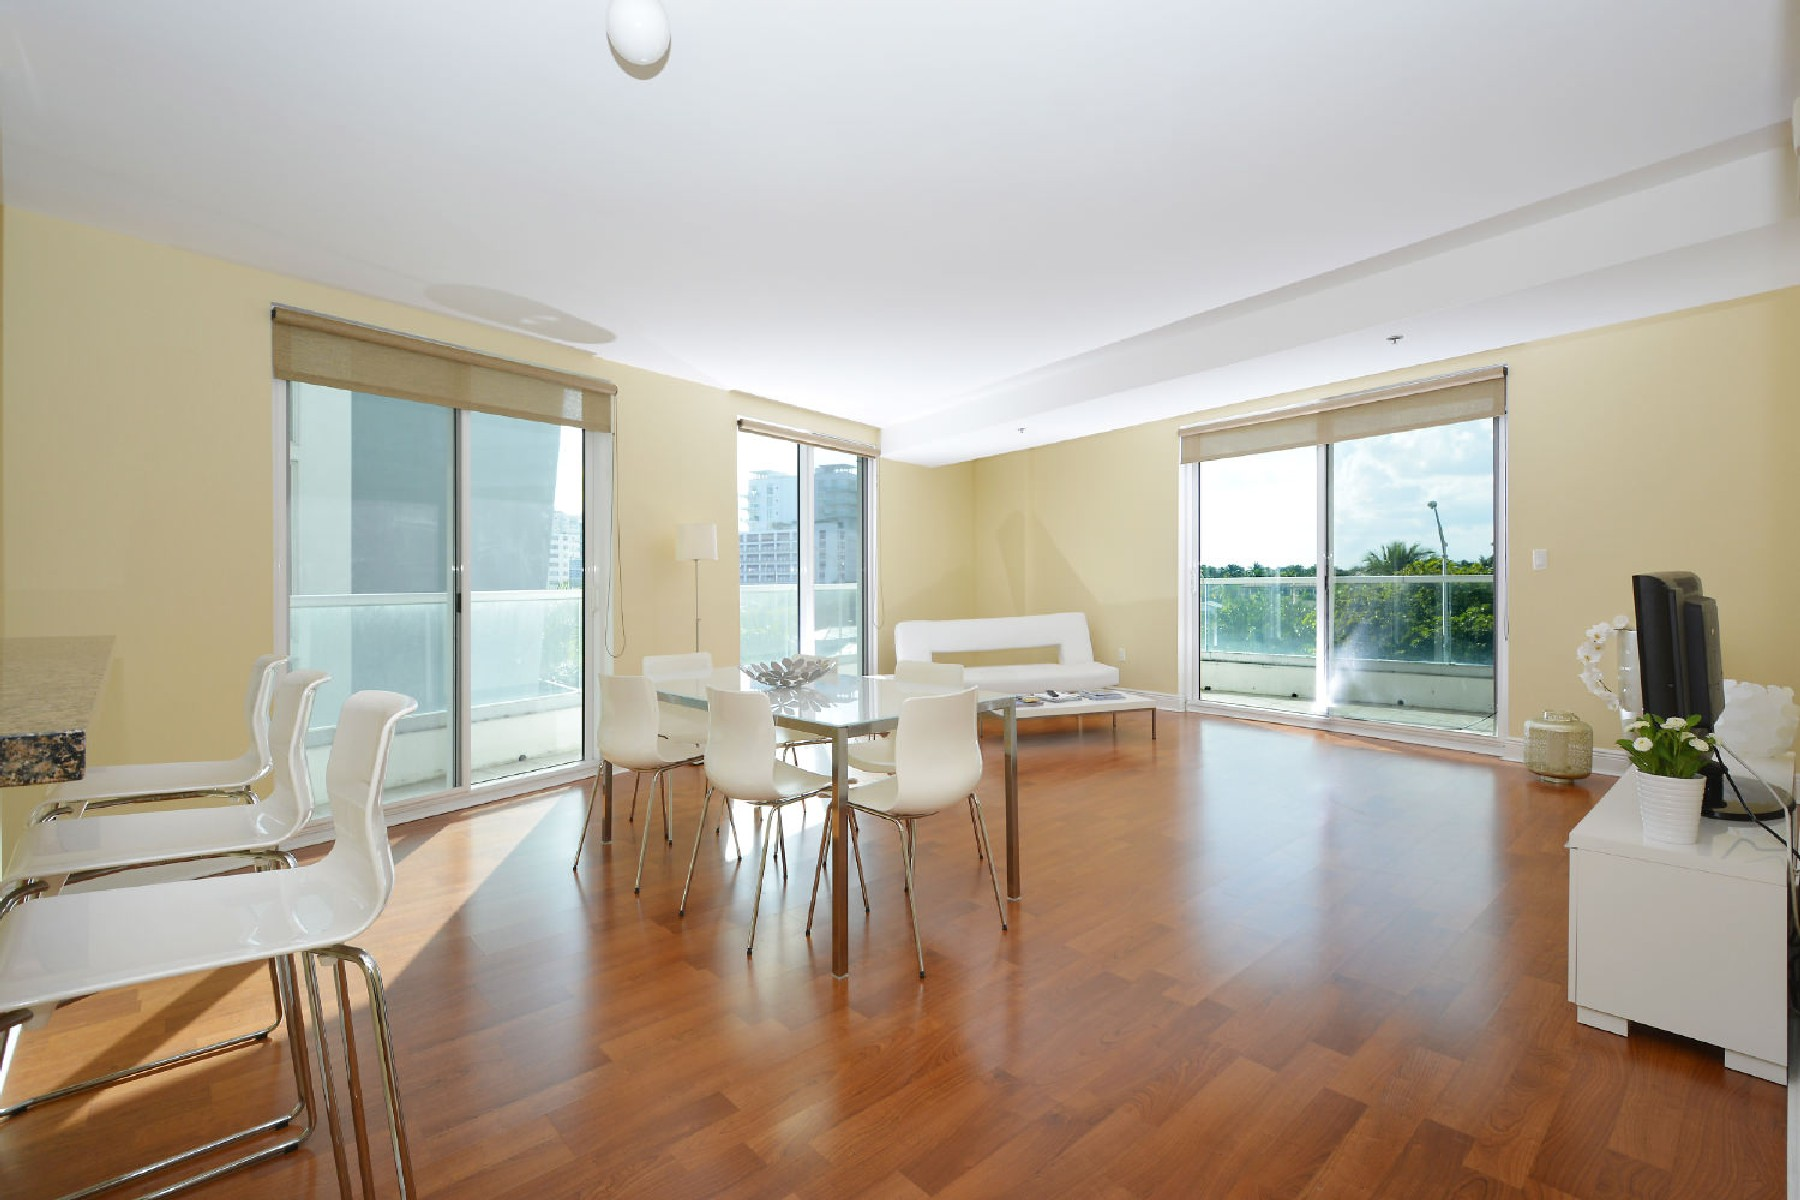 公寓 為 出售 在 6362 Collins Ave #414 6362 Collins Ave 414 Miami Beach, 佛羅里達州, 33141 美國